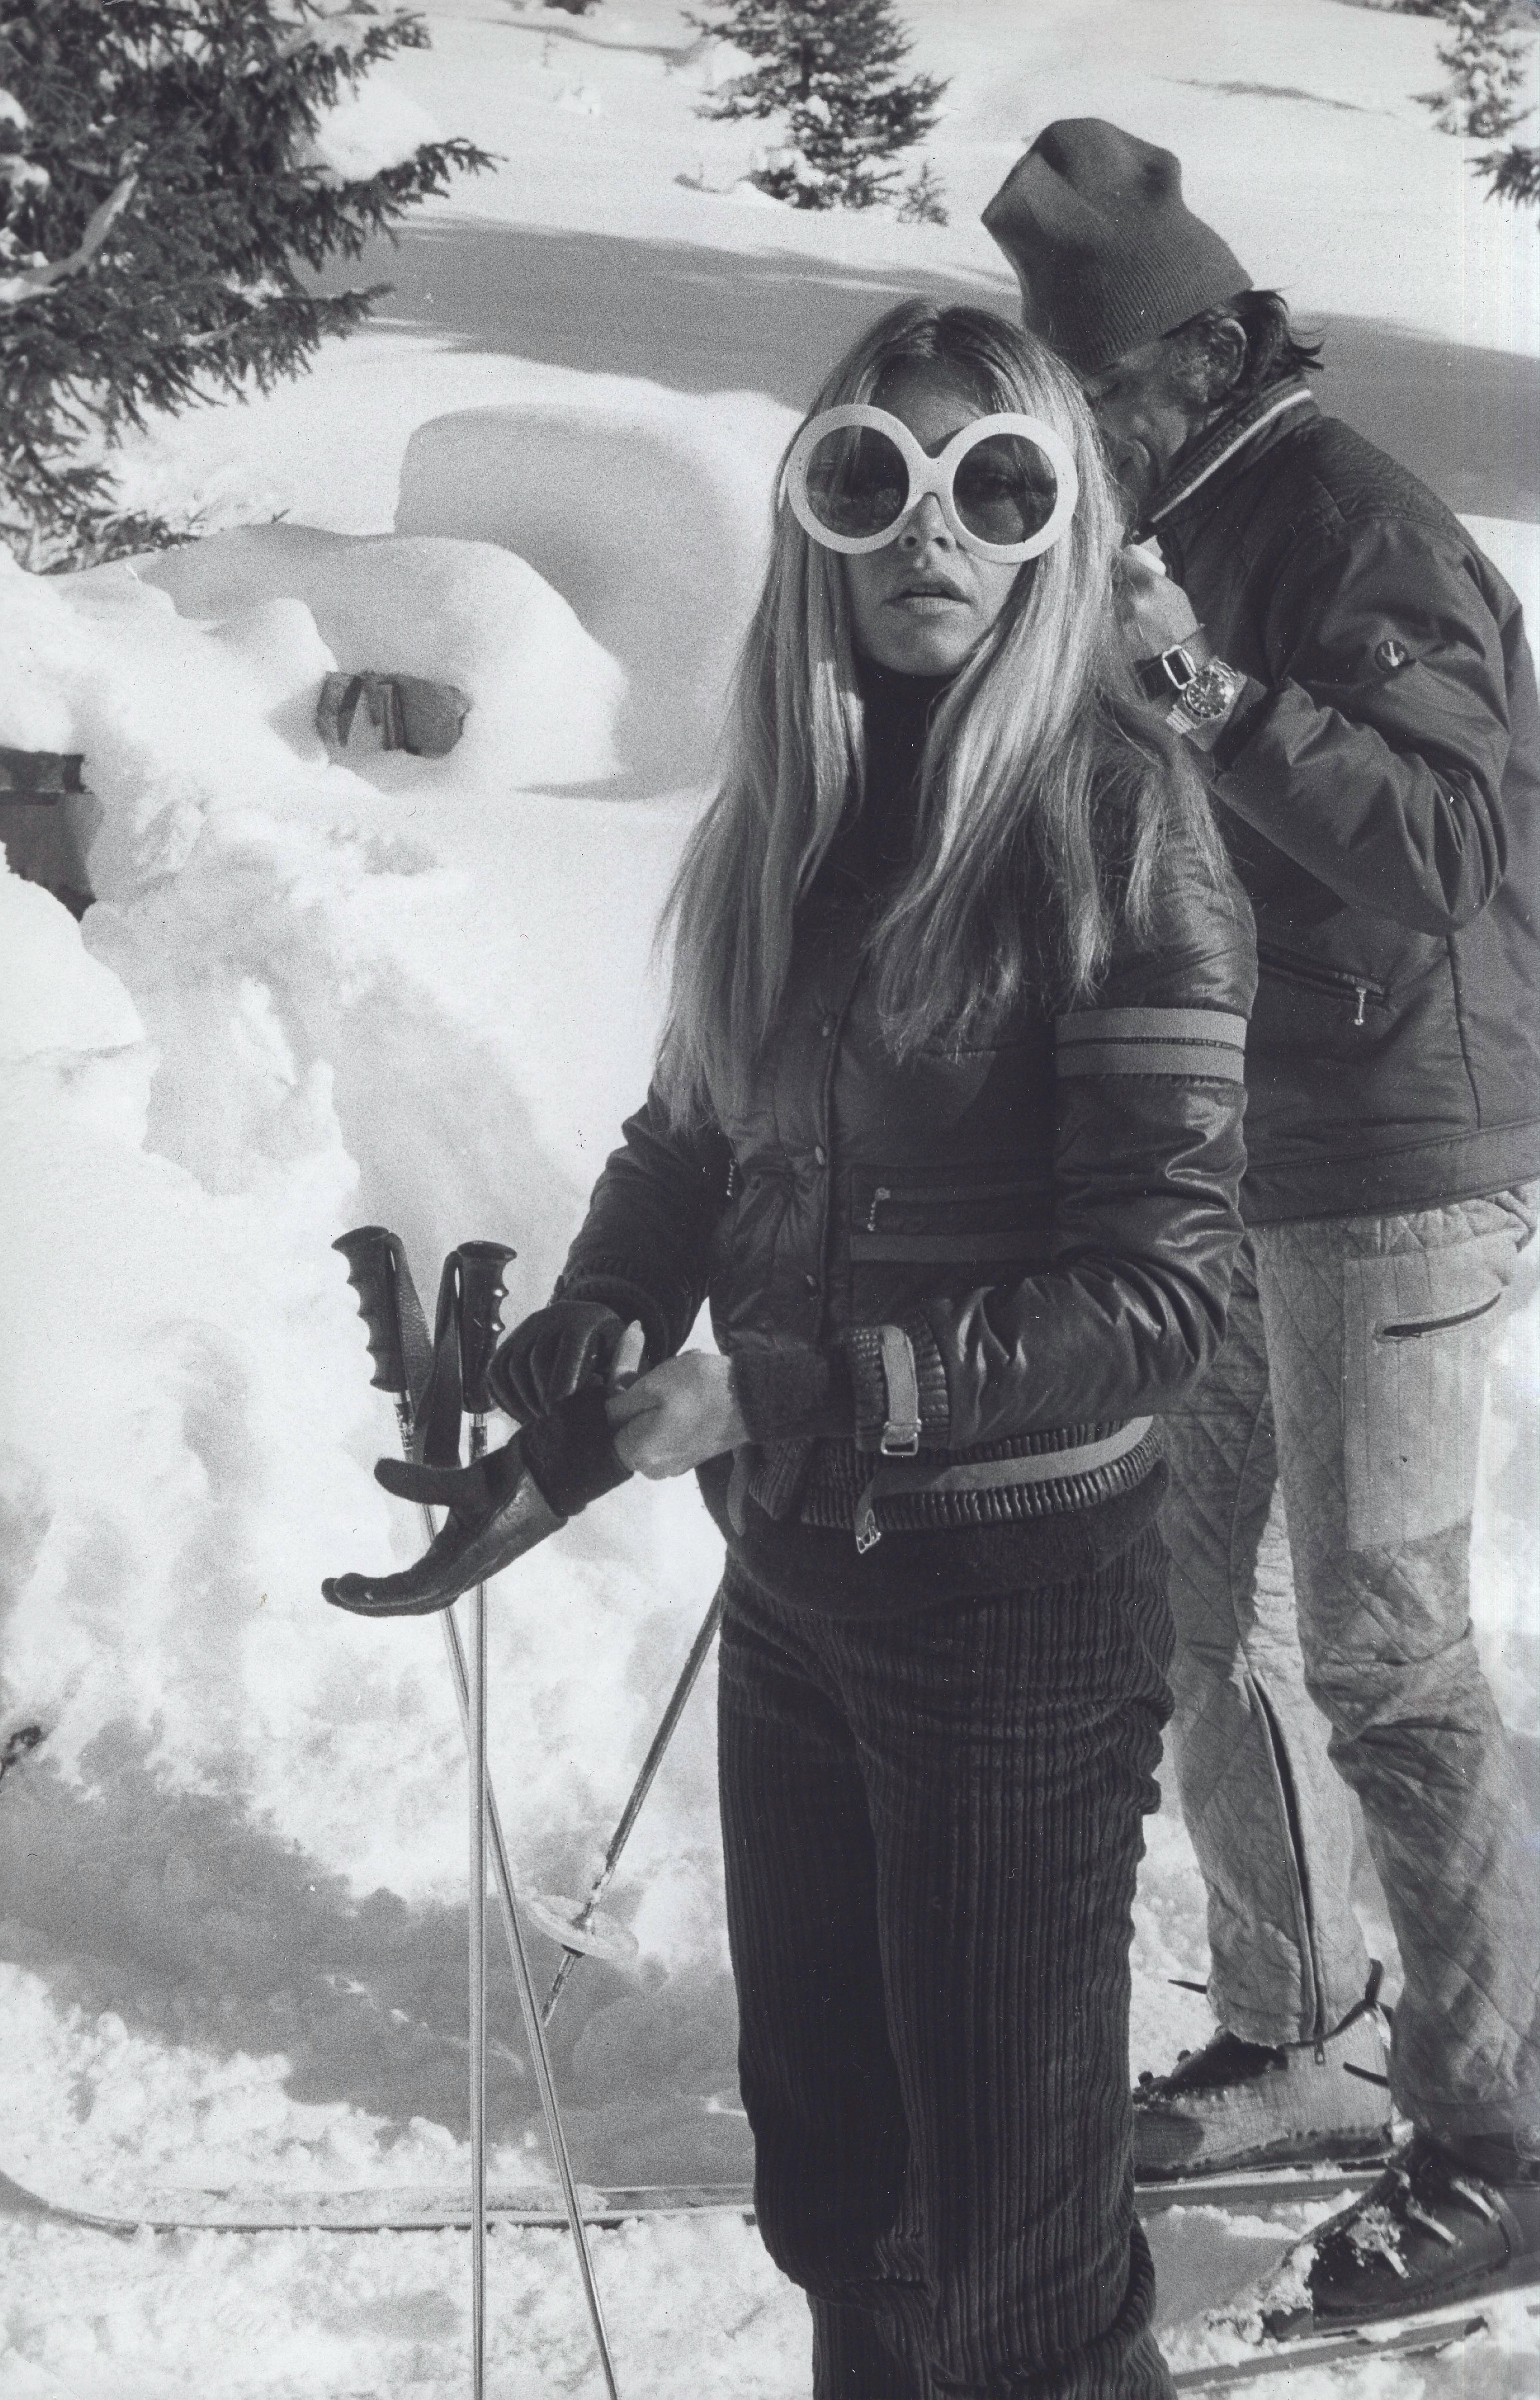 Джейн Биркин, Брижит Бардо и другие иконы прошлого на горнолыжном склоне